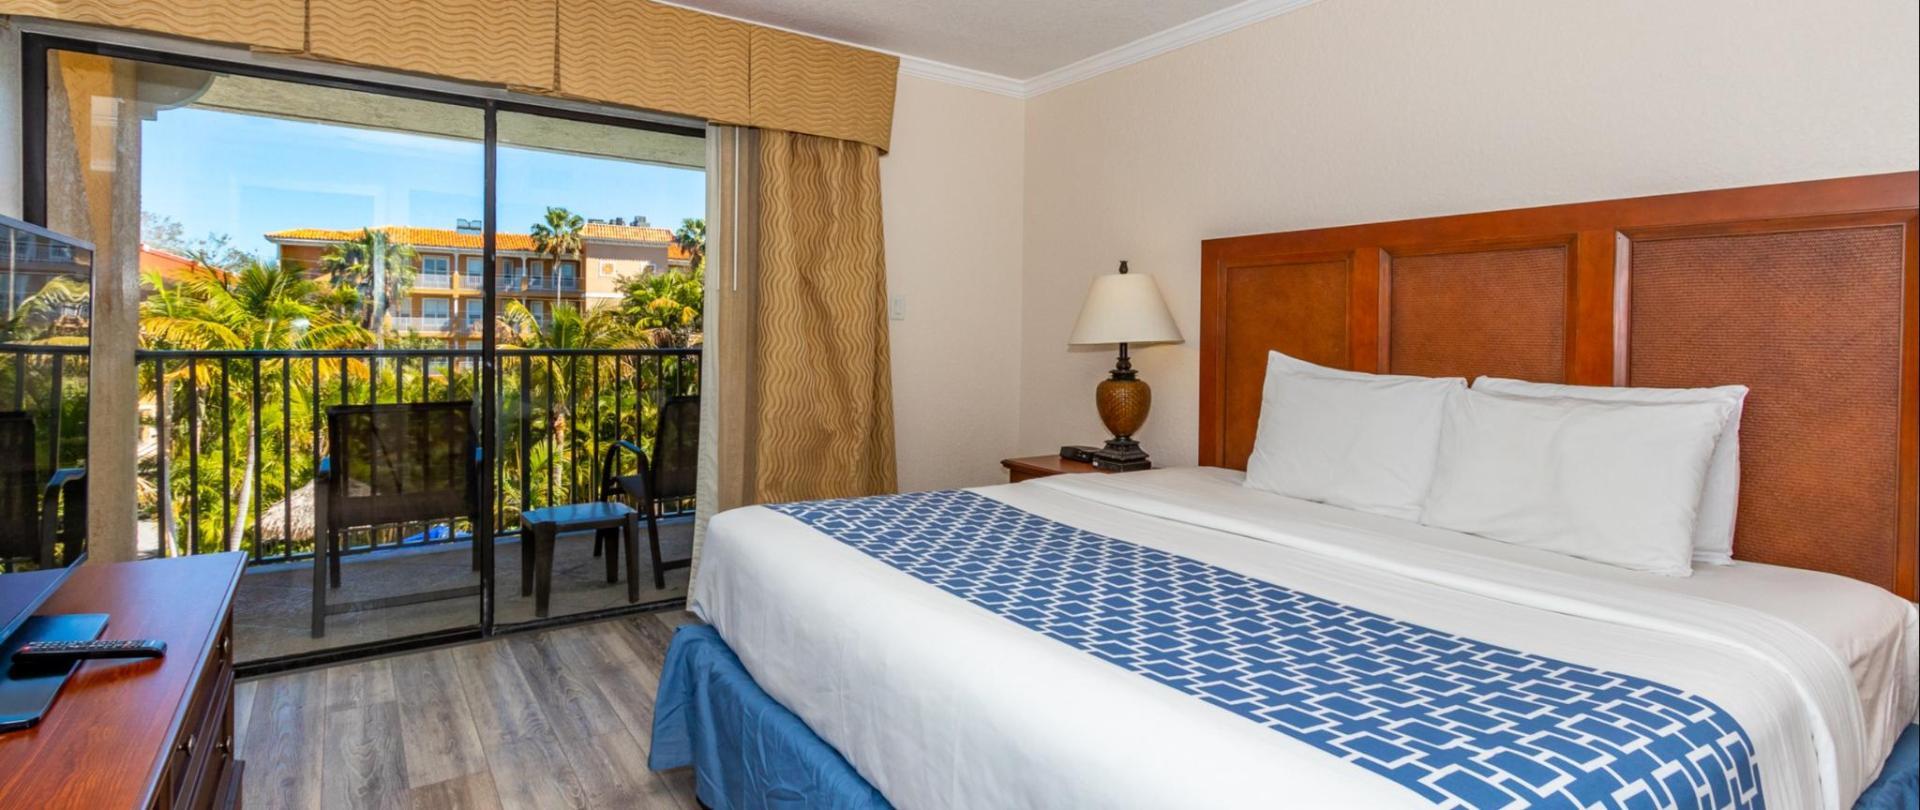 King Suite Standard View.jpg